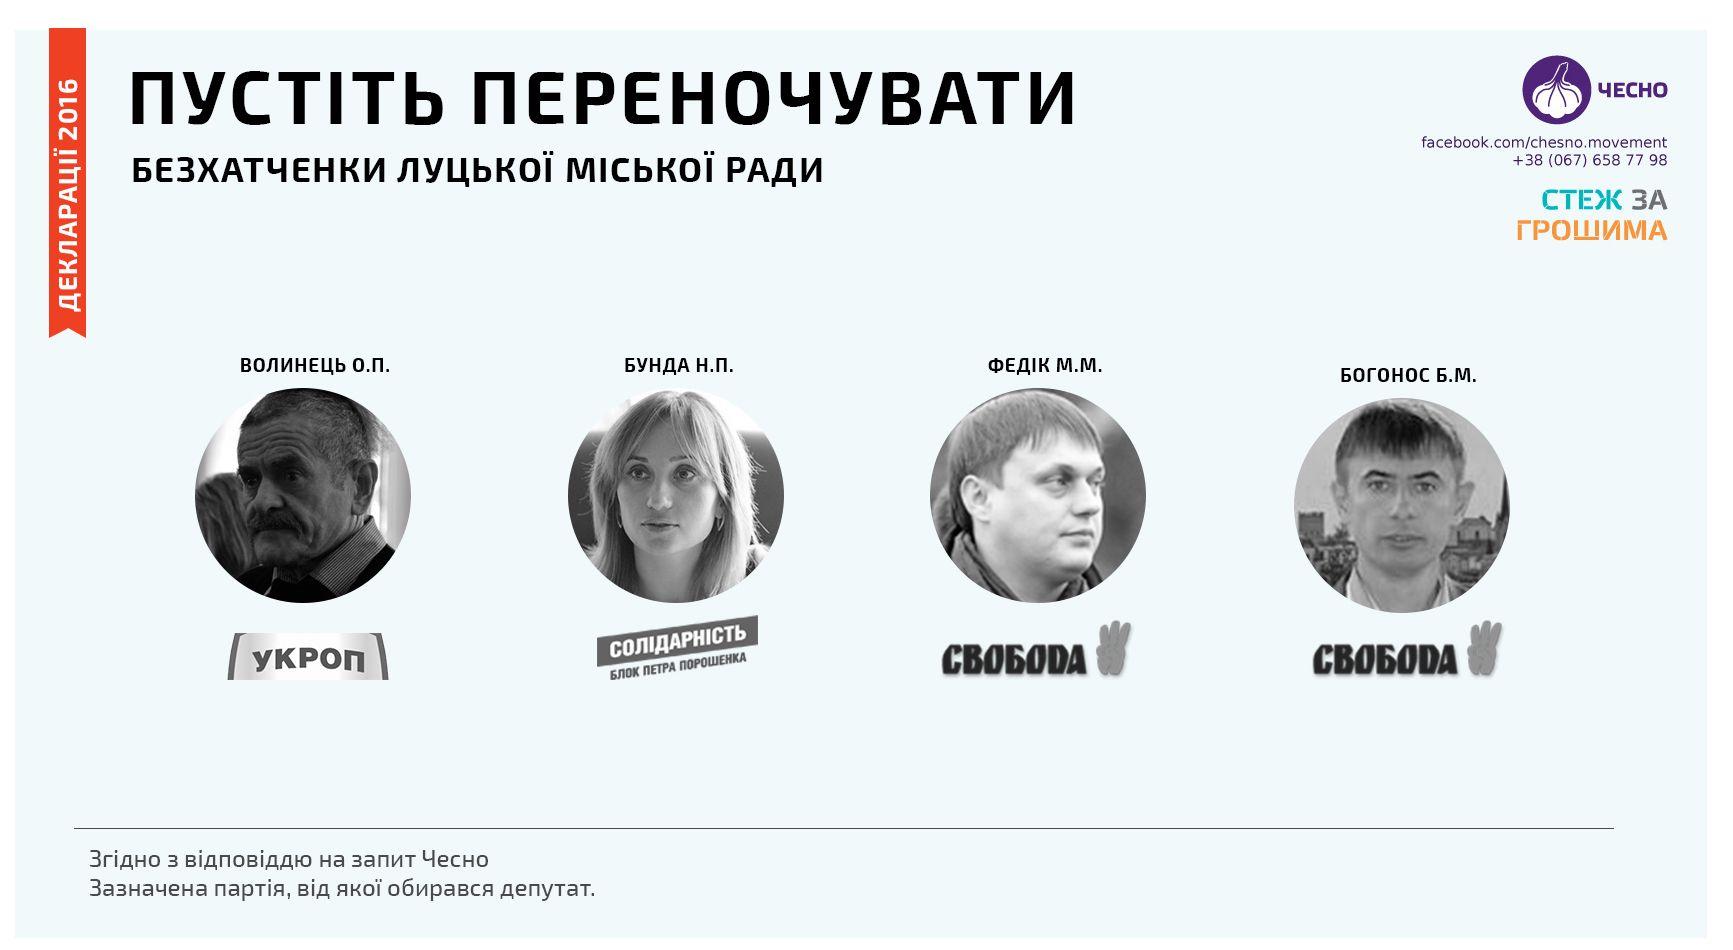 Депутати безхатьки Луцької міськ ради